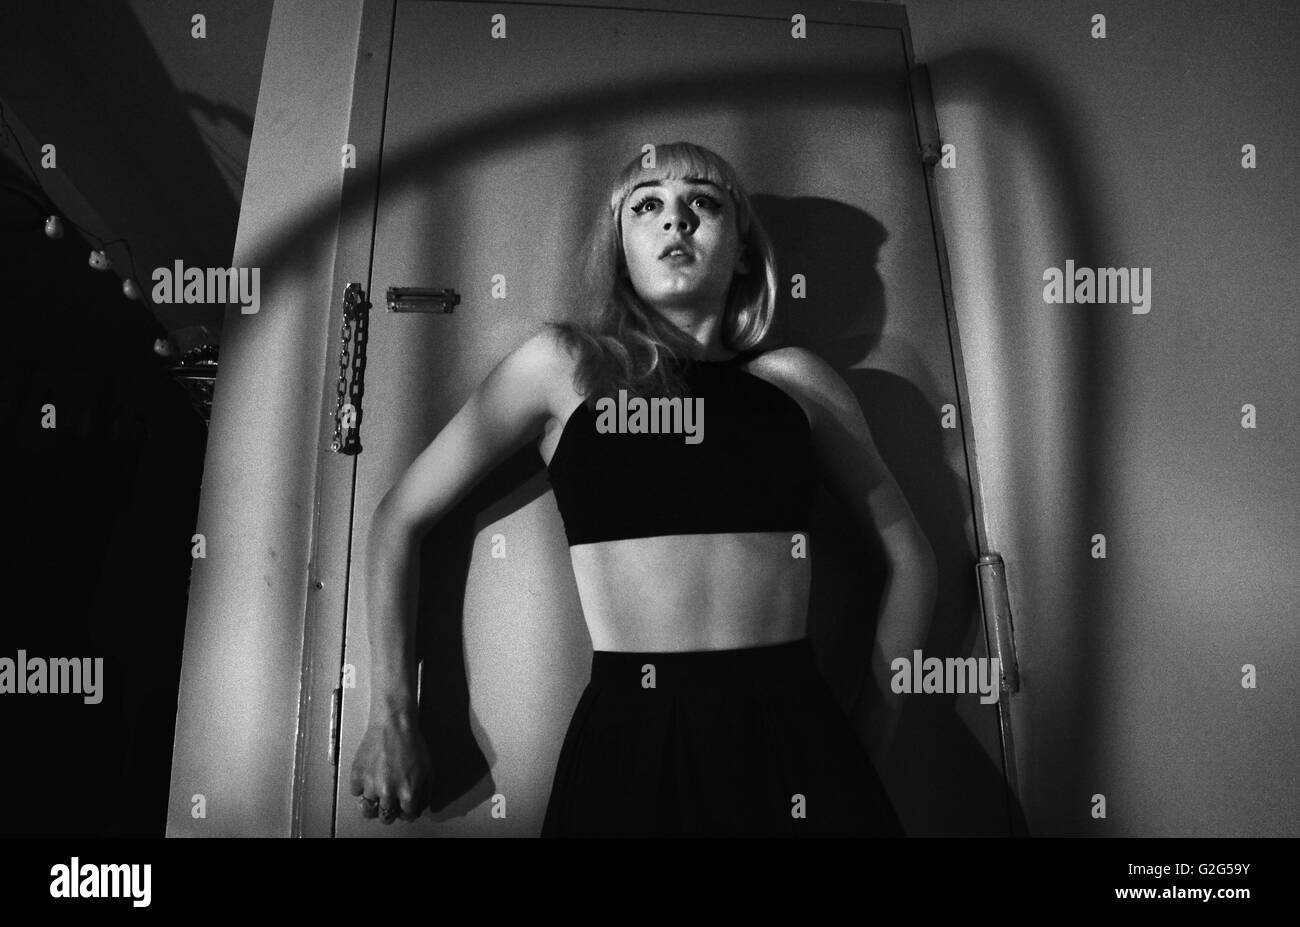 Verängstigte junge Frau gegen Tür mit überlappenden Schatten der Stuhl Stockfoto